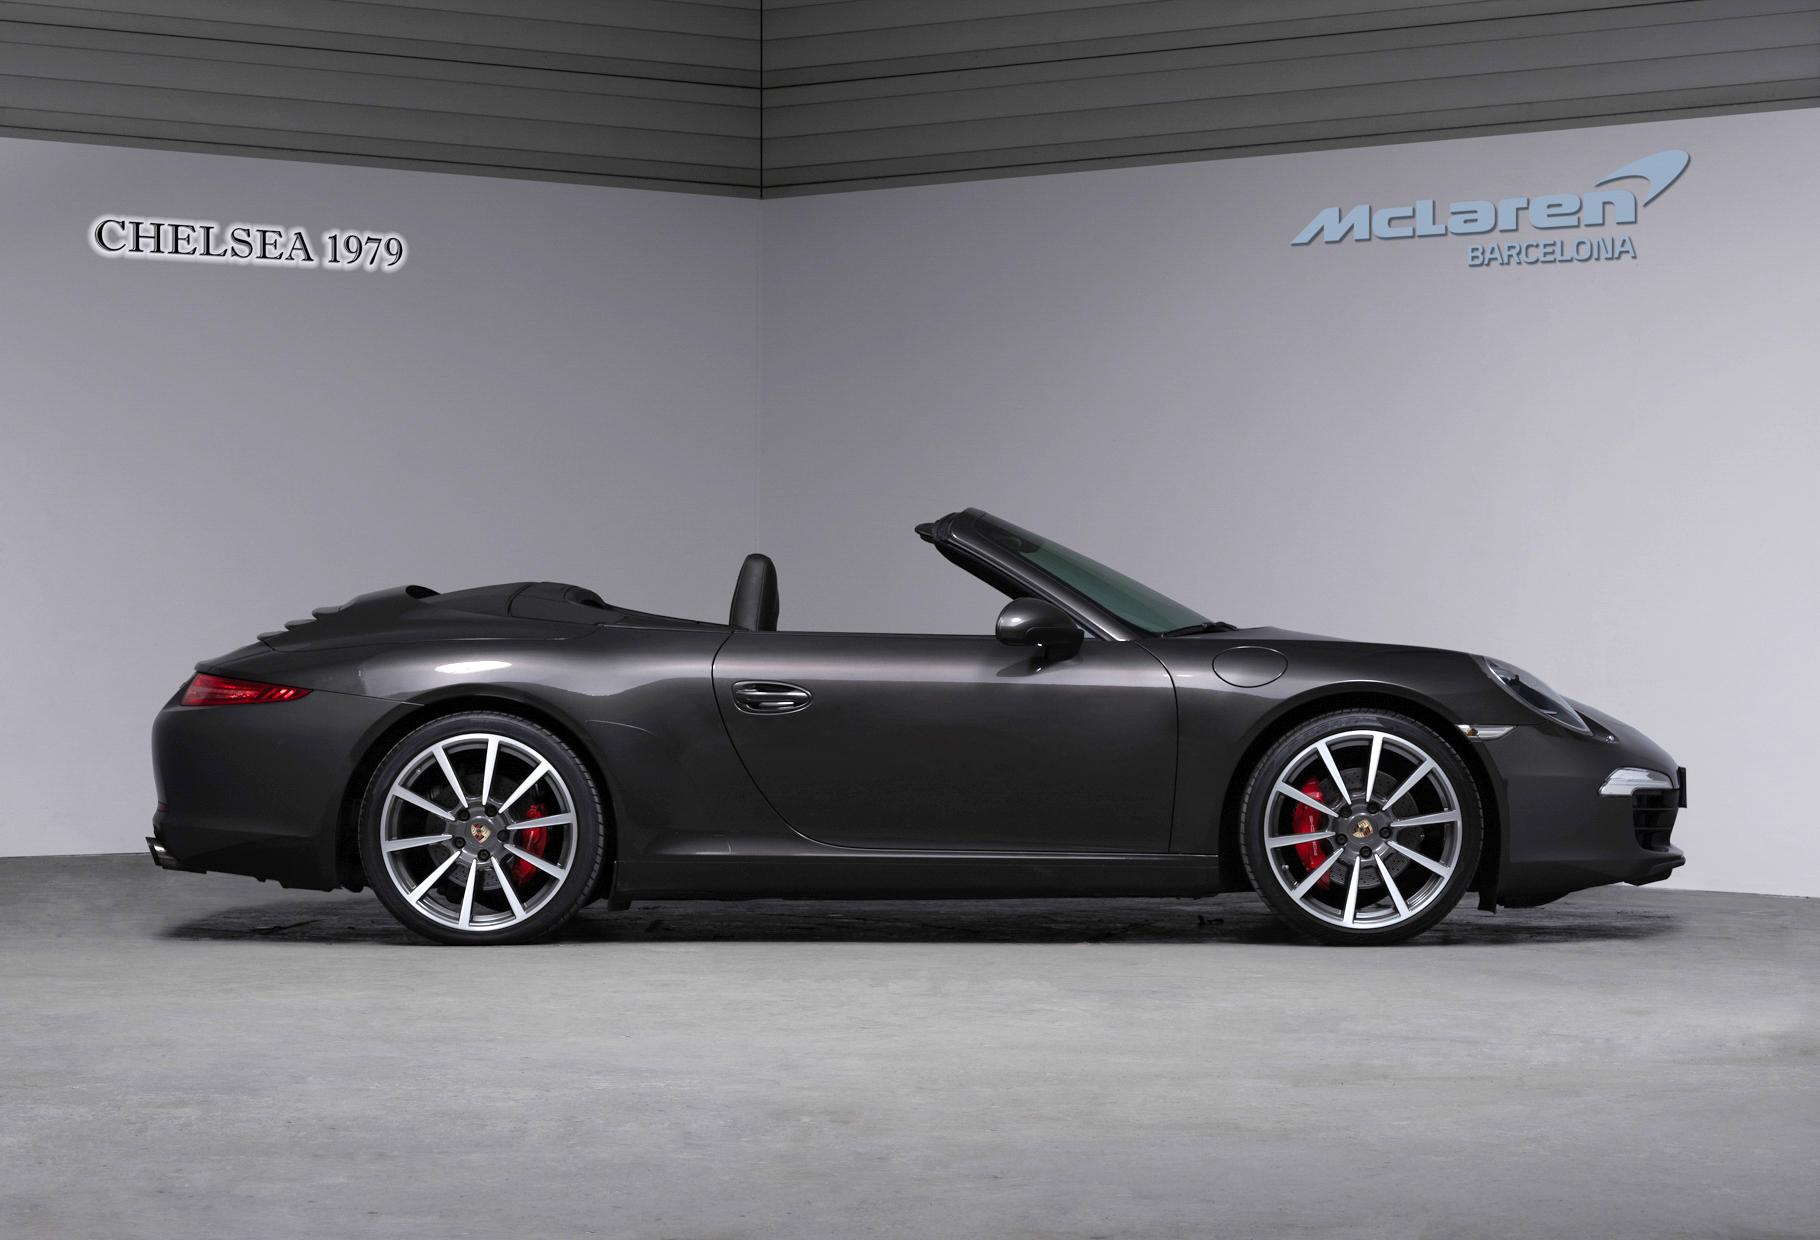 04 911 CARRERA LATERALsin techo Porsche 911 Carrera